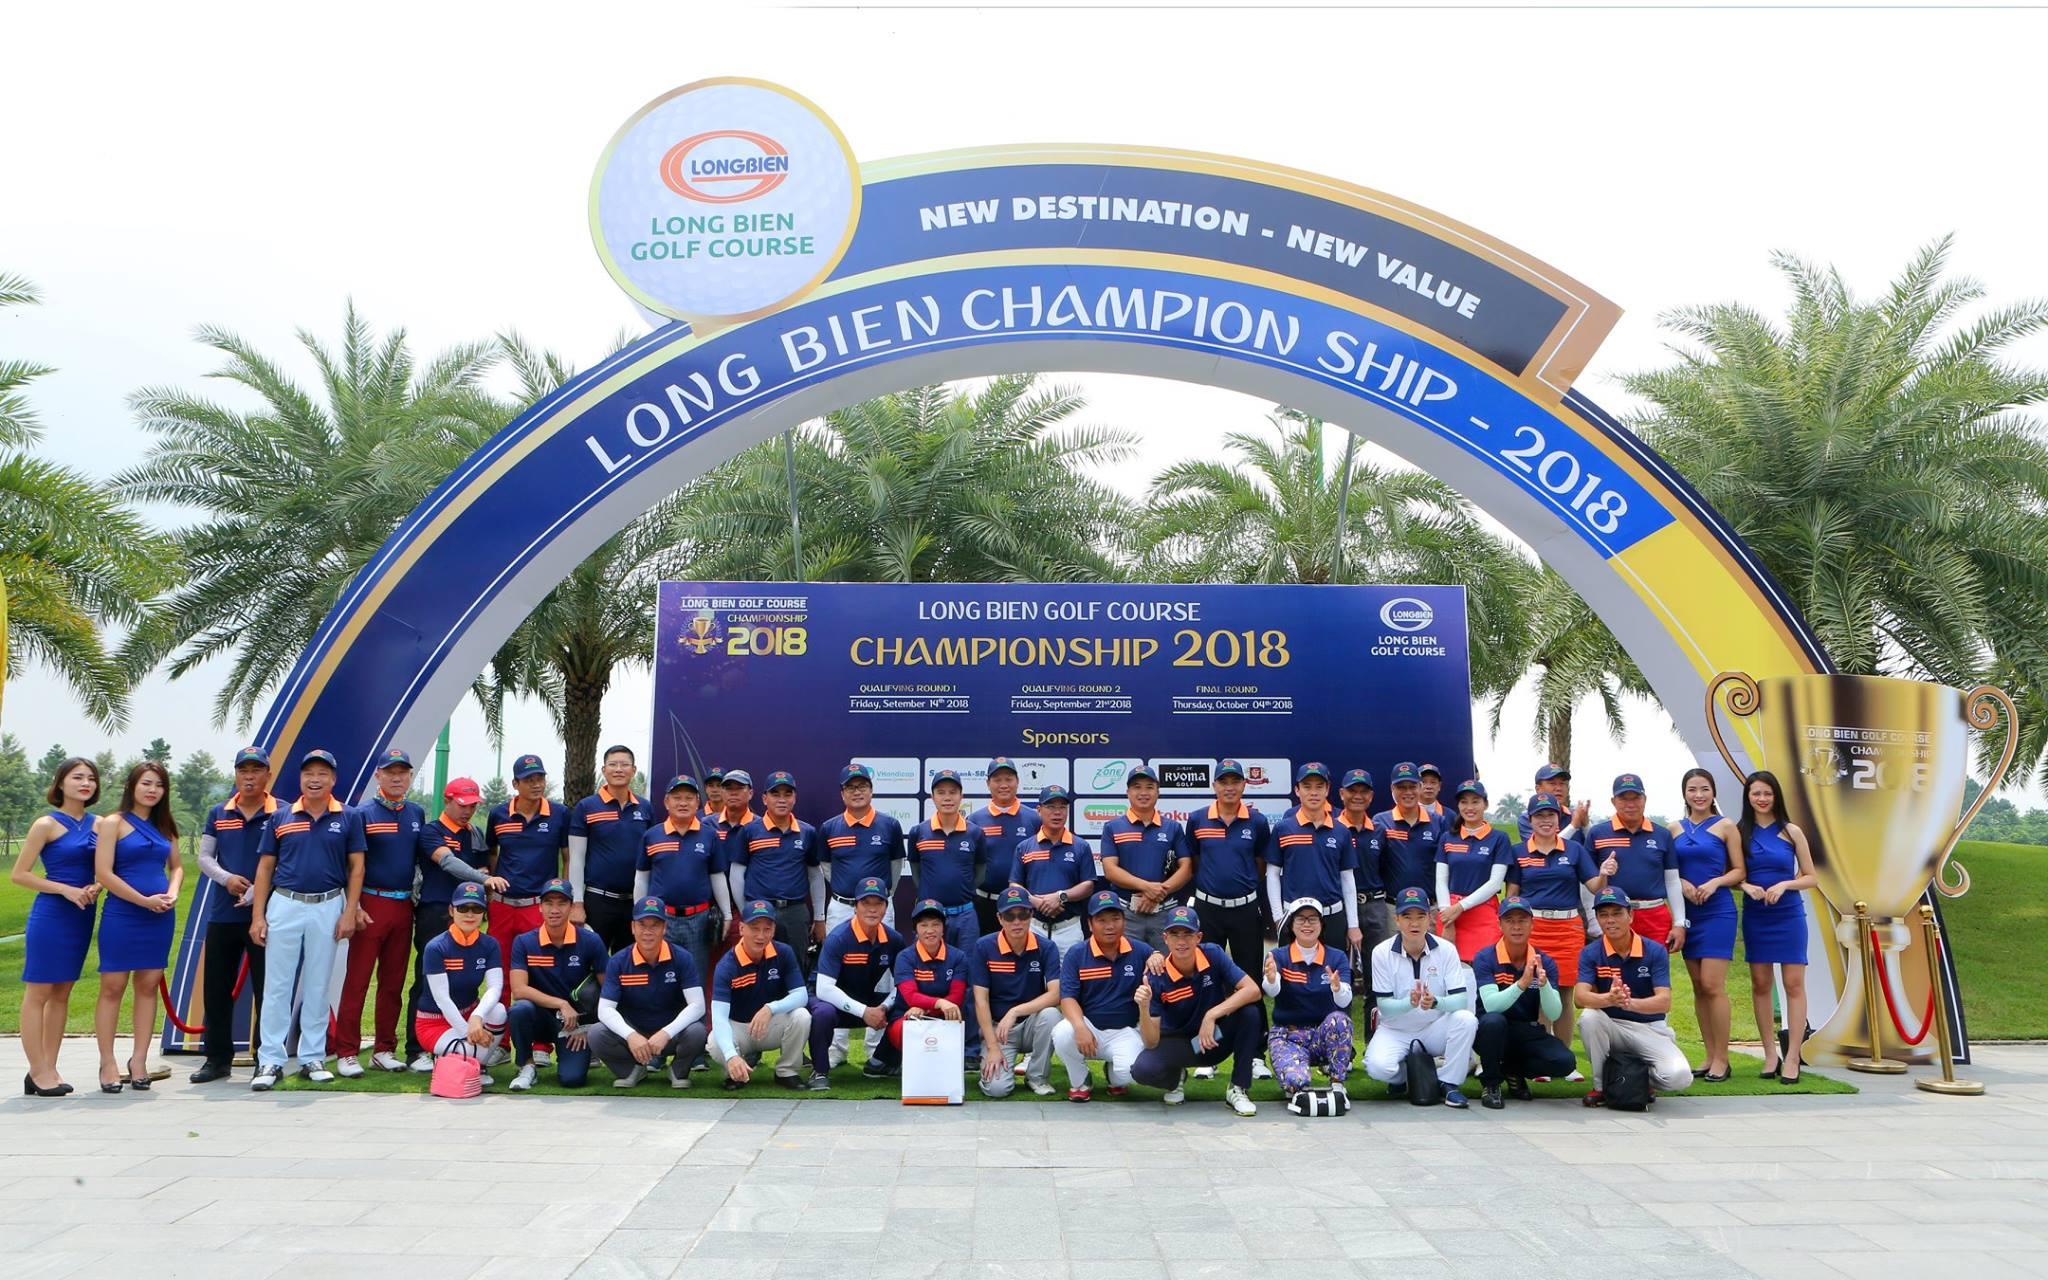 Long Bien Golf Course Championship 2018 Vòng loại 1